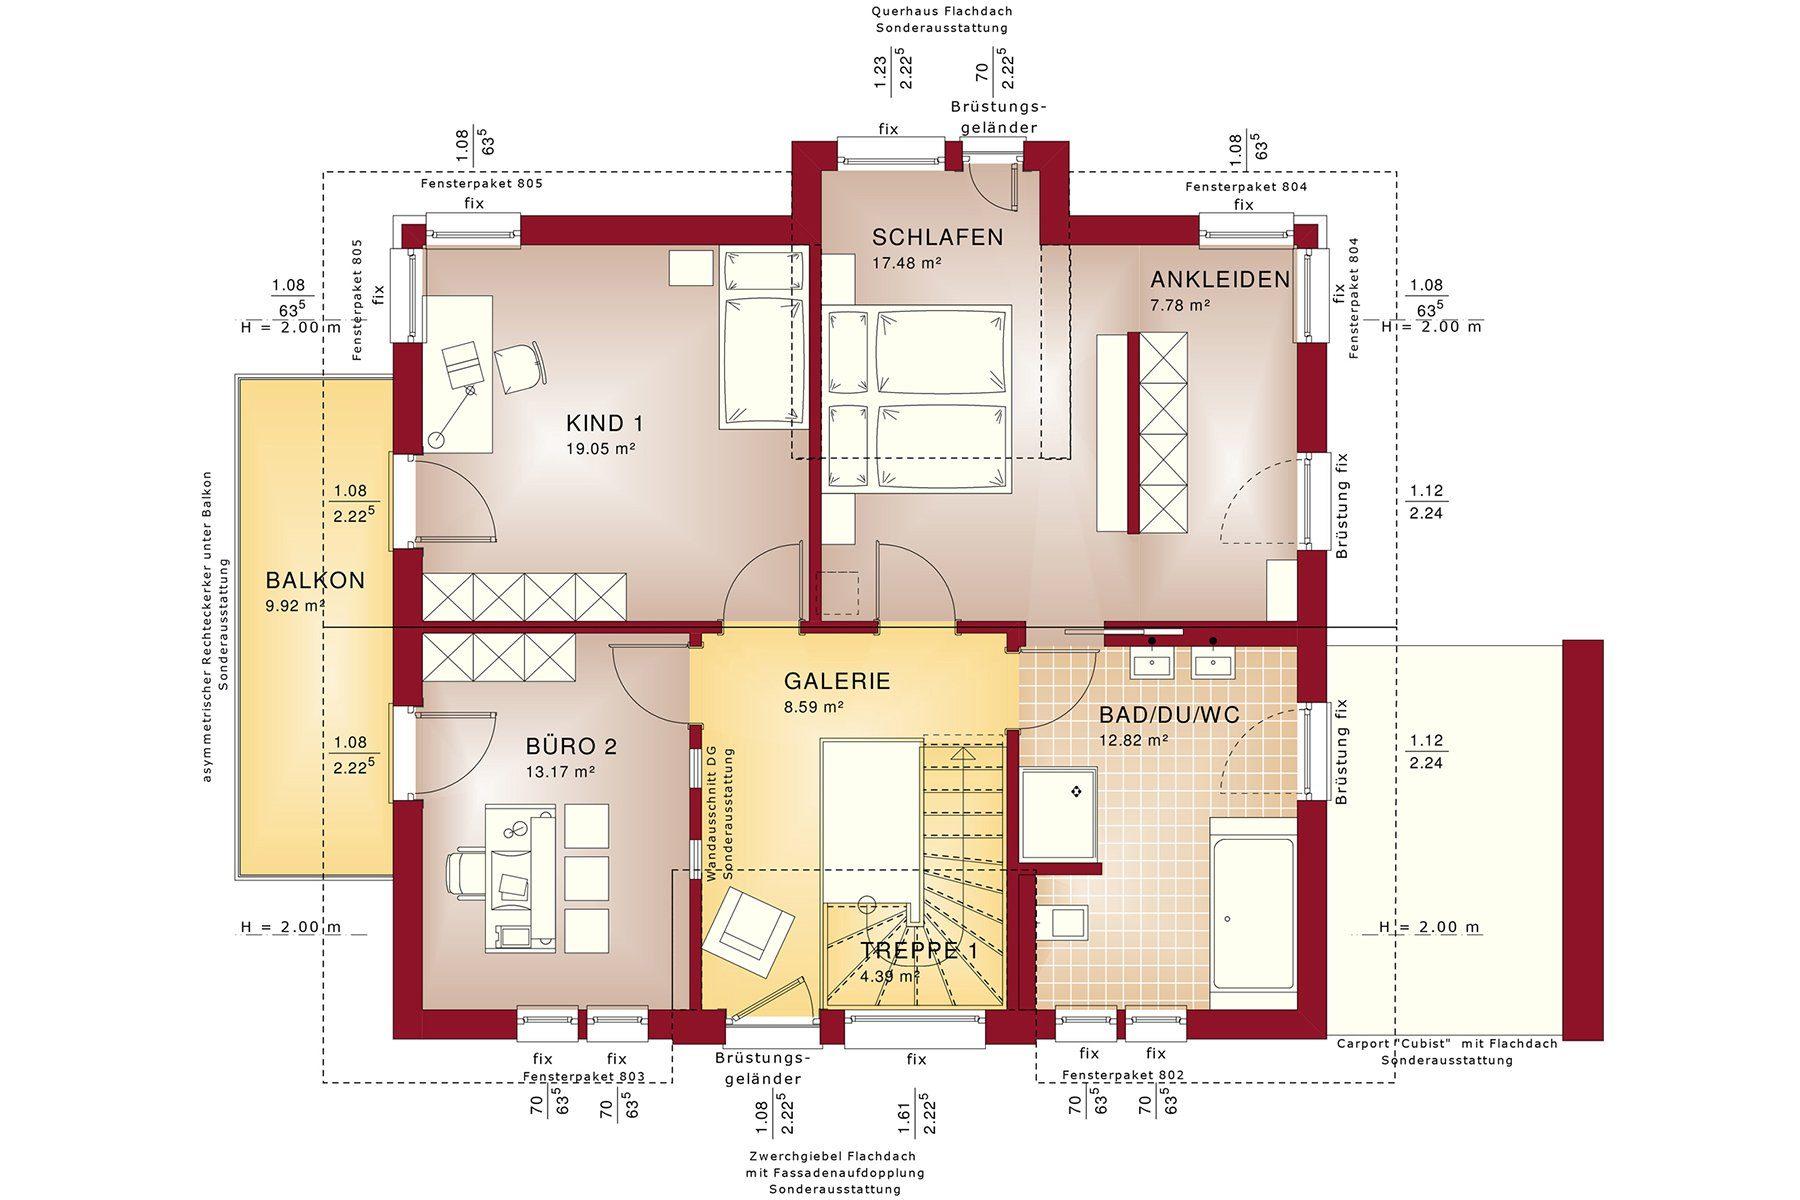 CONCEPT-M 167 Rheinbach - Eine Nahaufnahme von einer Karte - Gebäudeplan